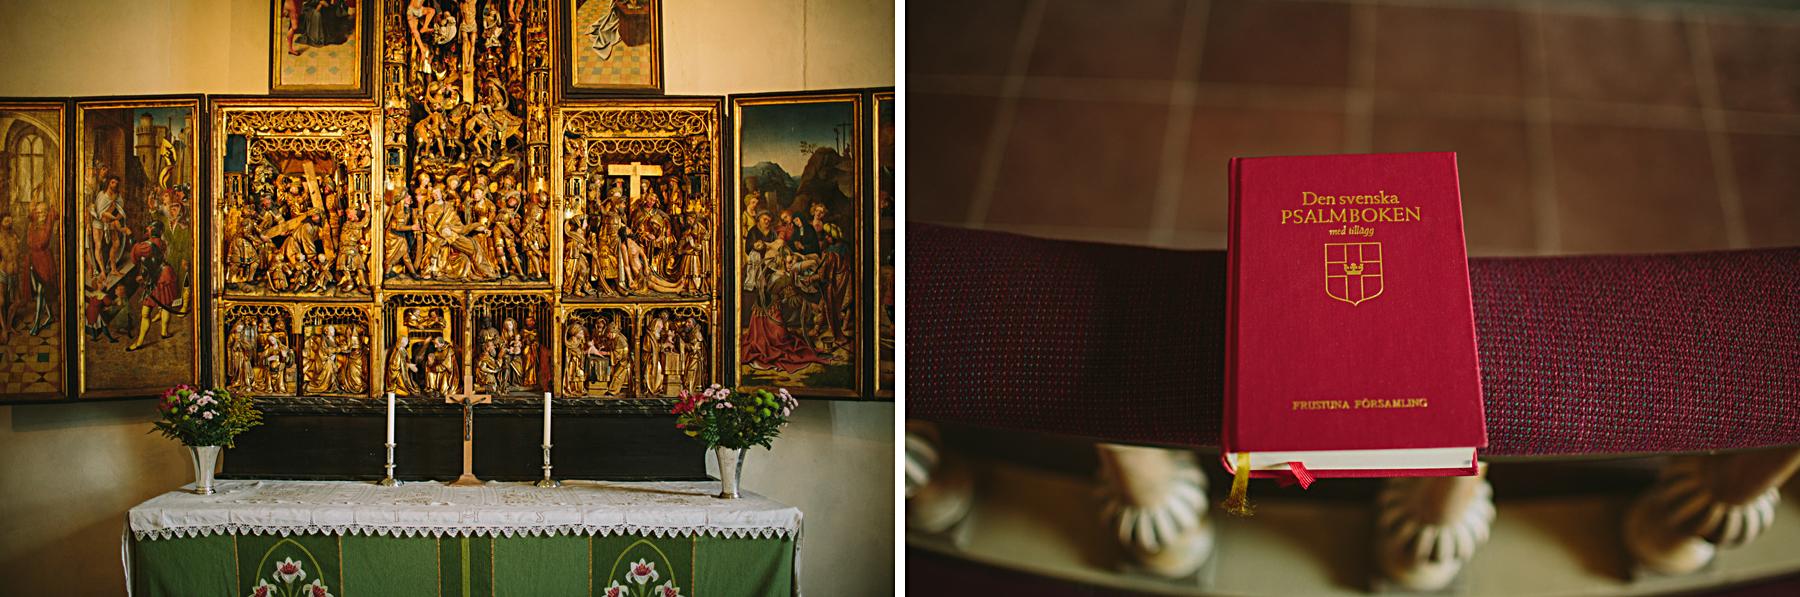 Altare och psalmbok Frustuna Kyrka